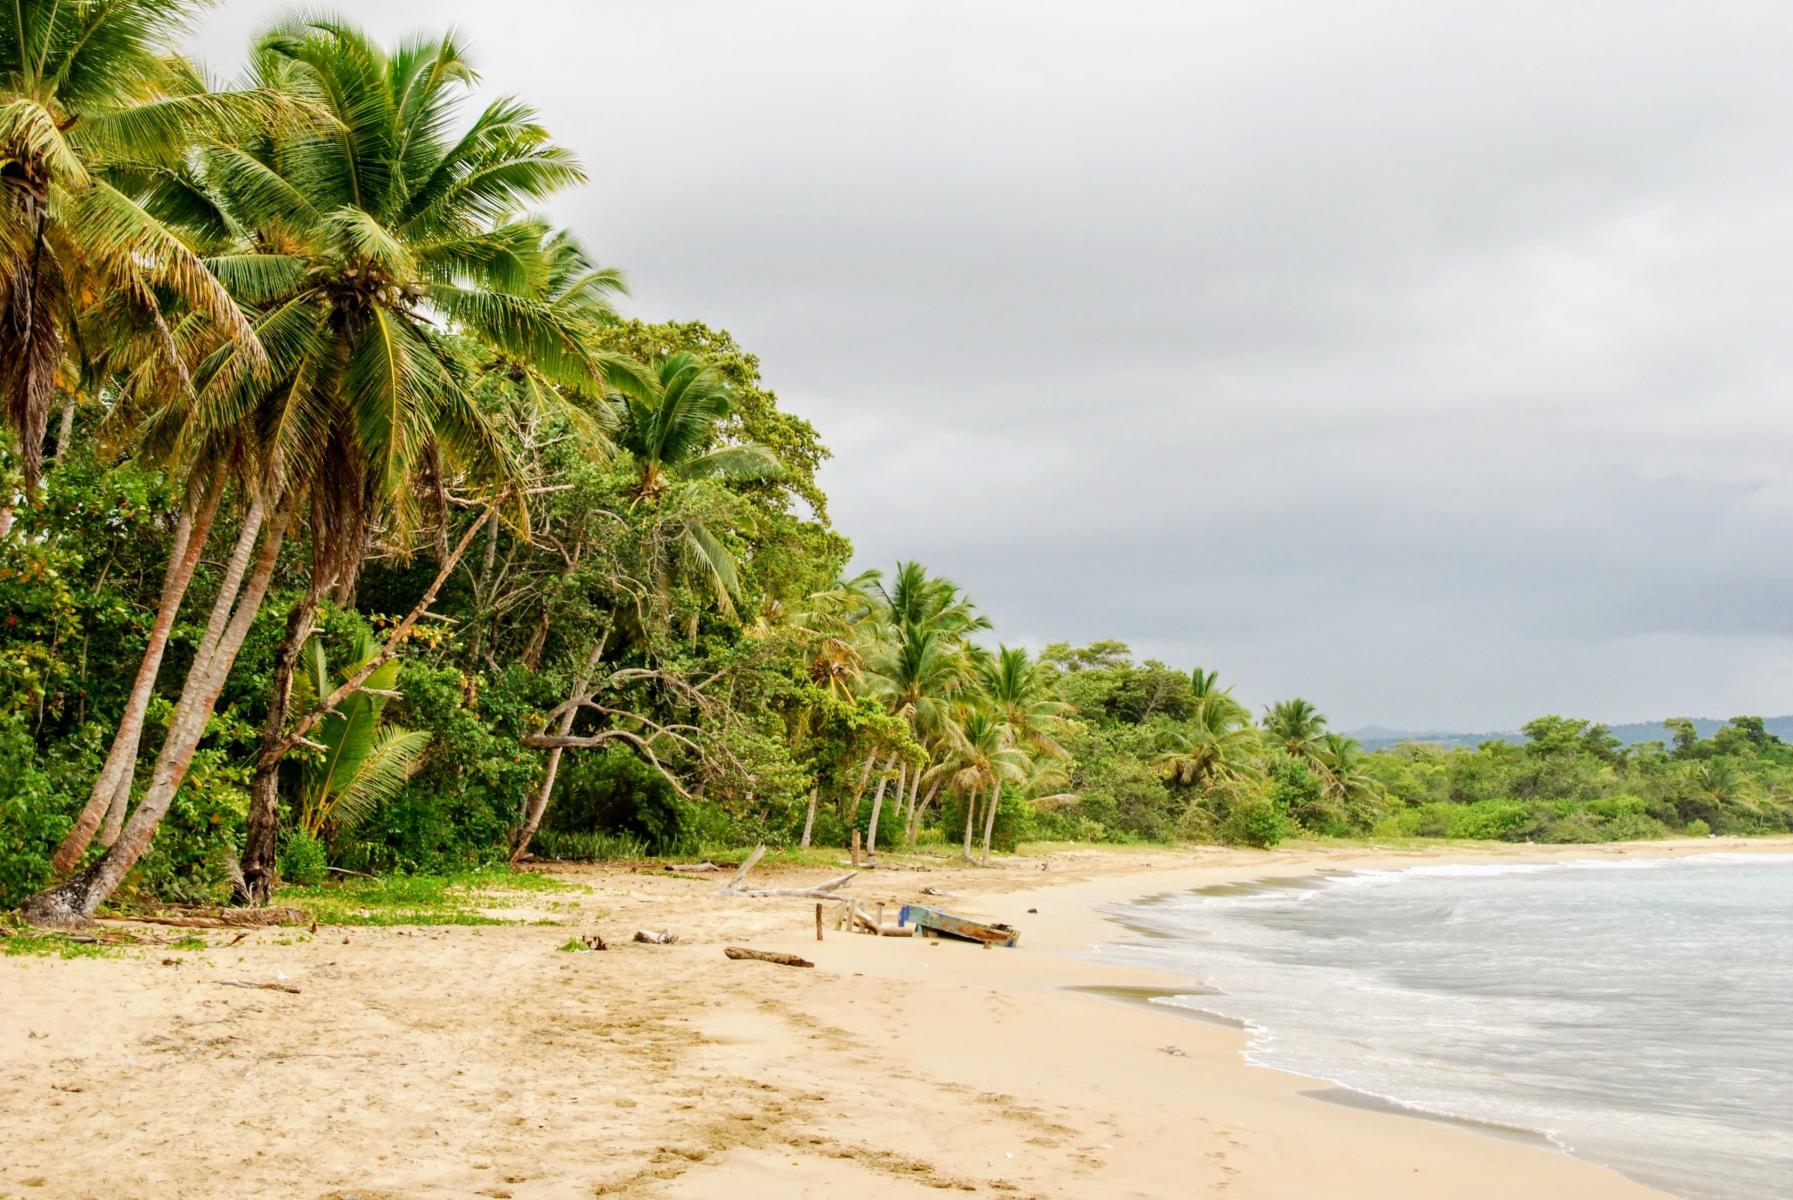 Playa Bergantin